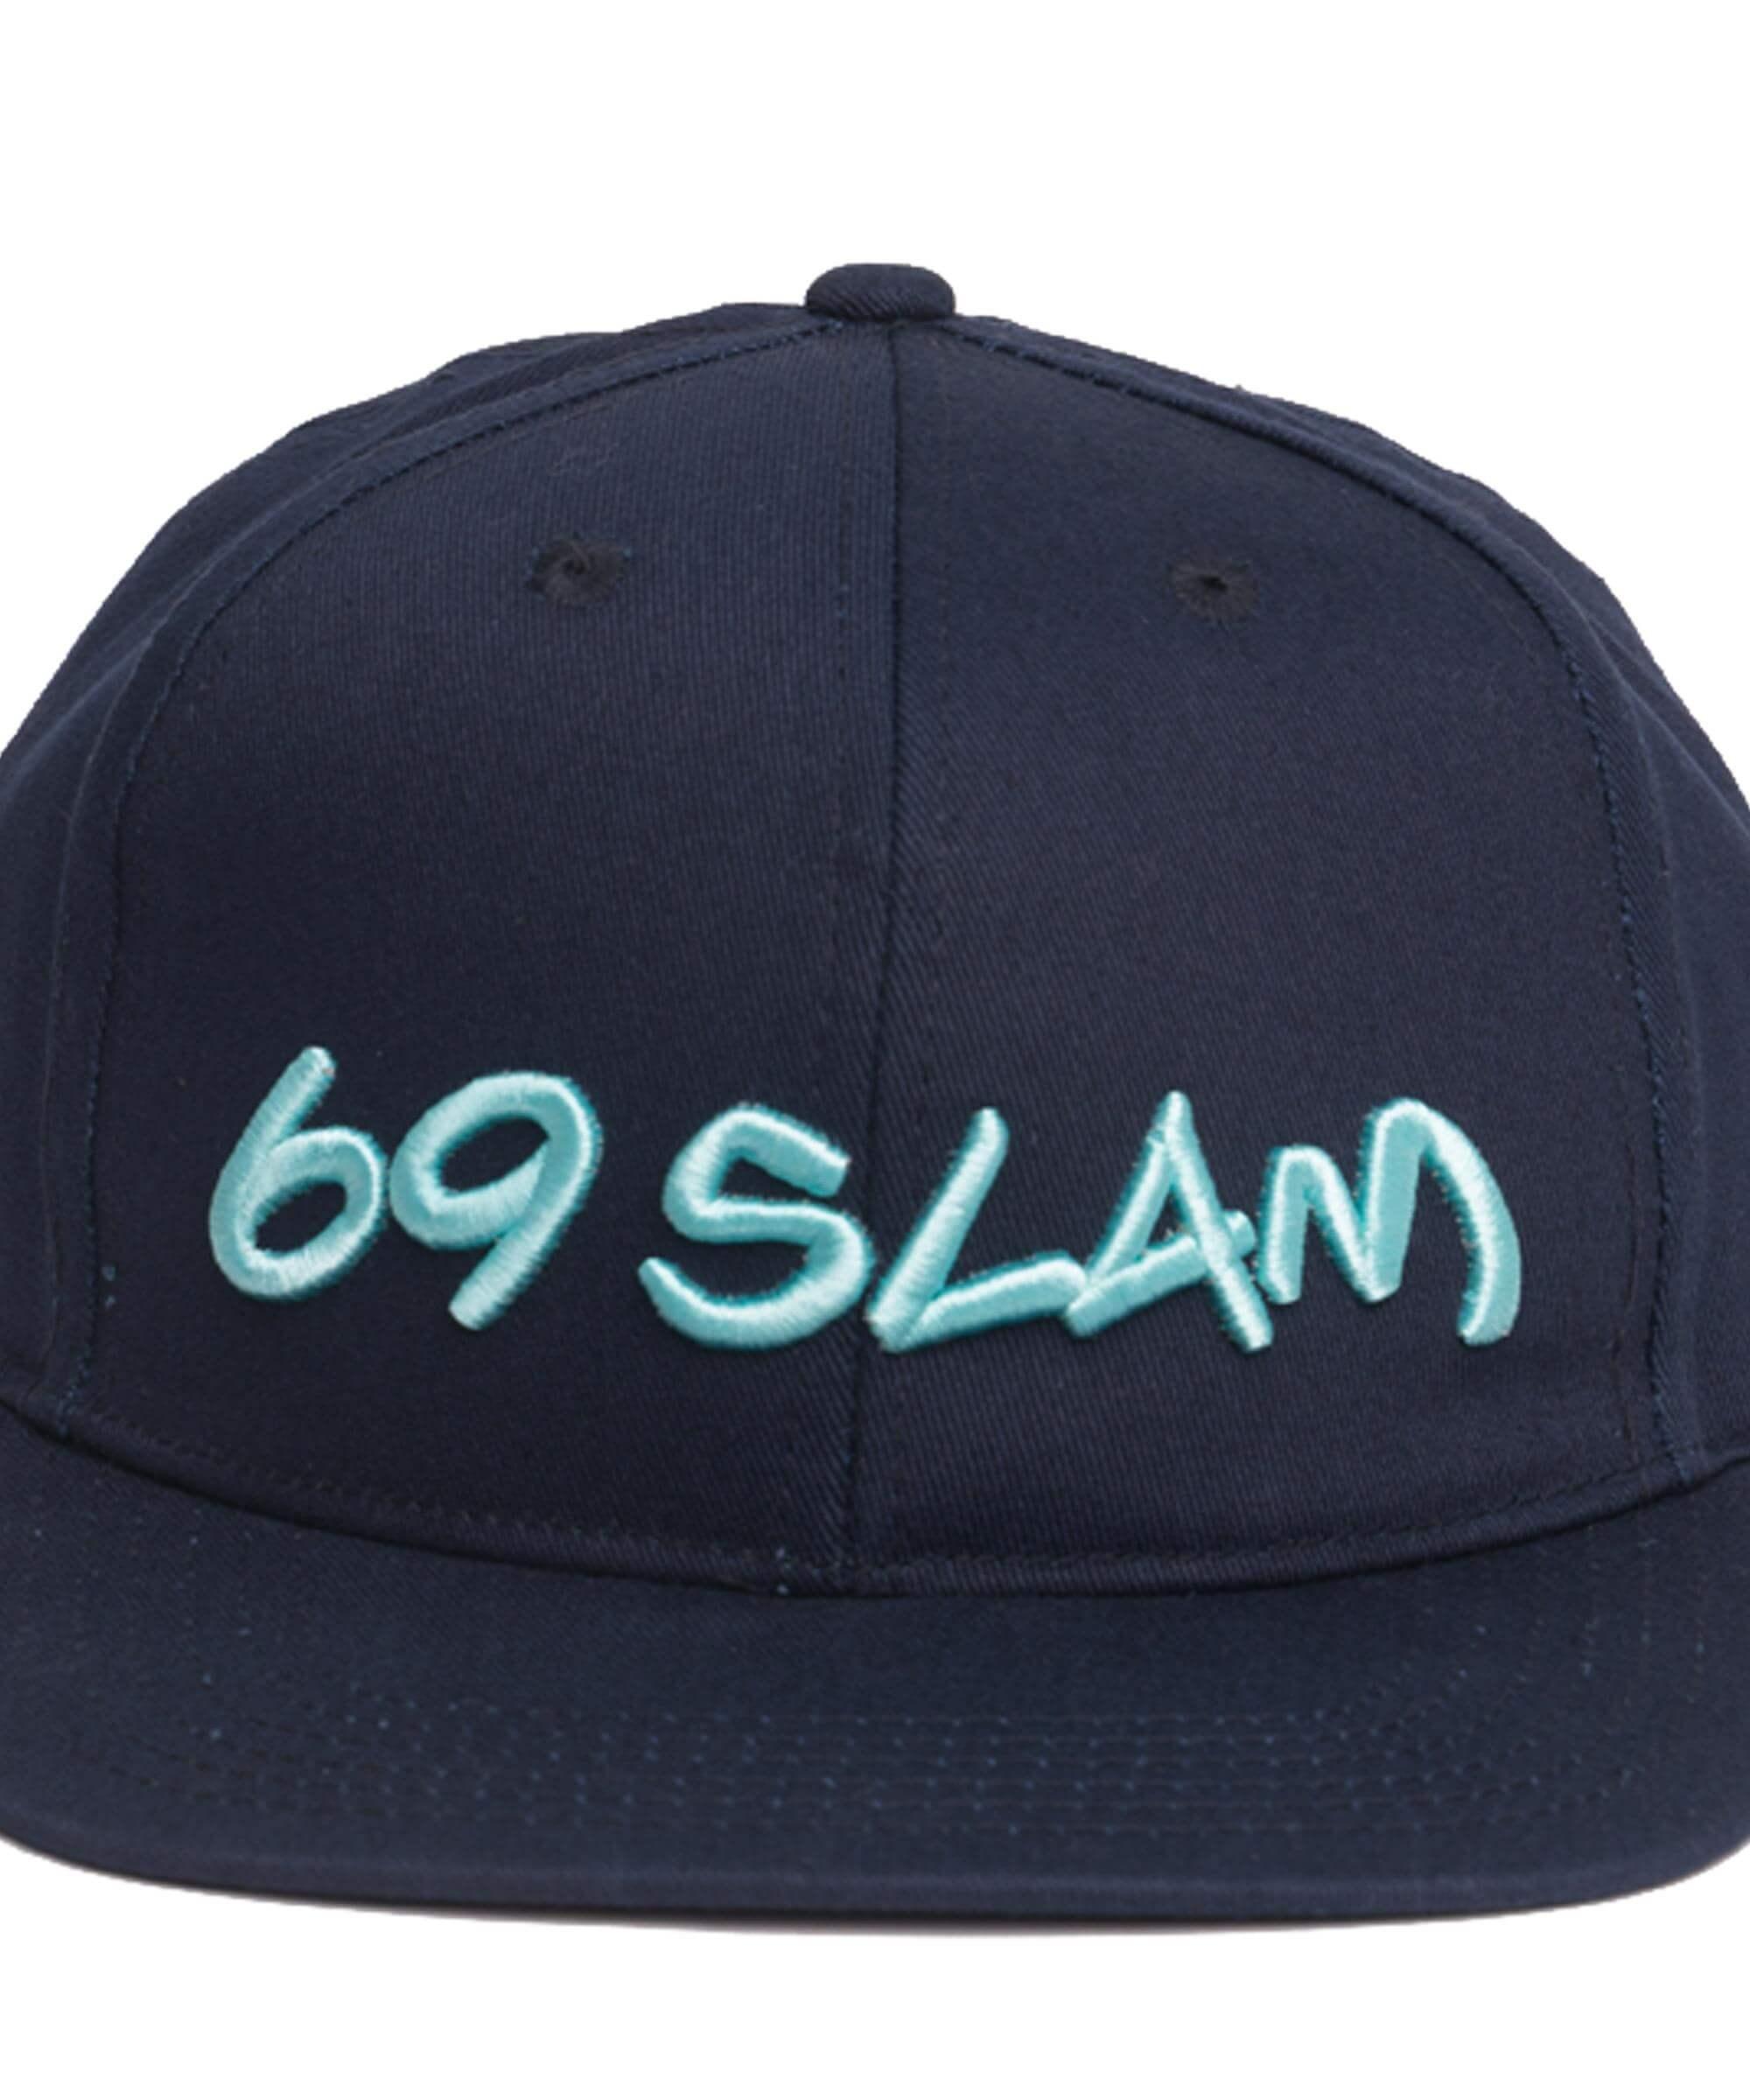 69SLAM LOGO CAP DEEP BLUE